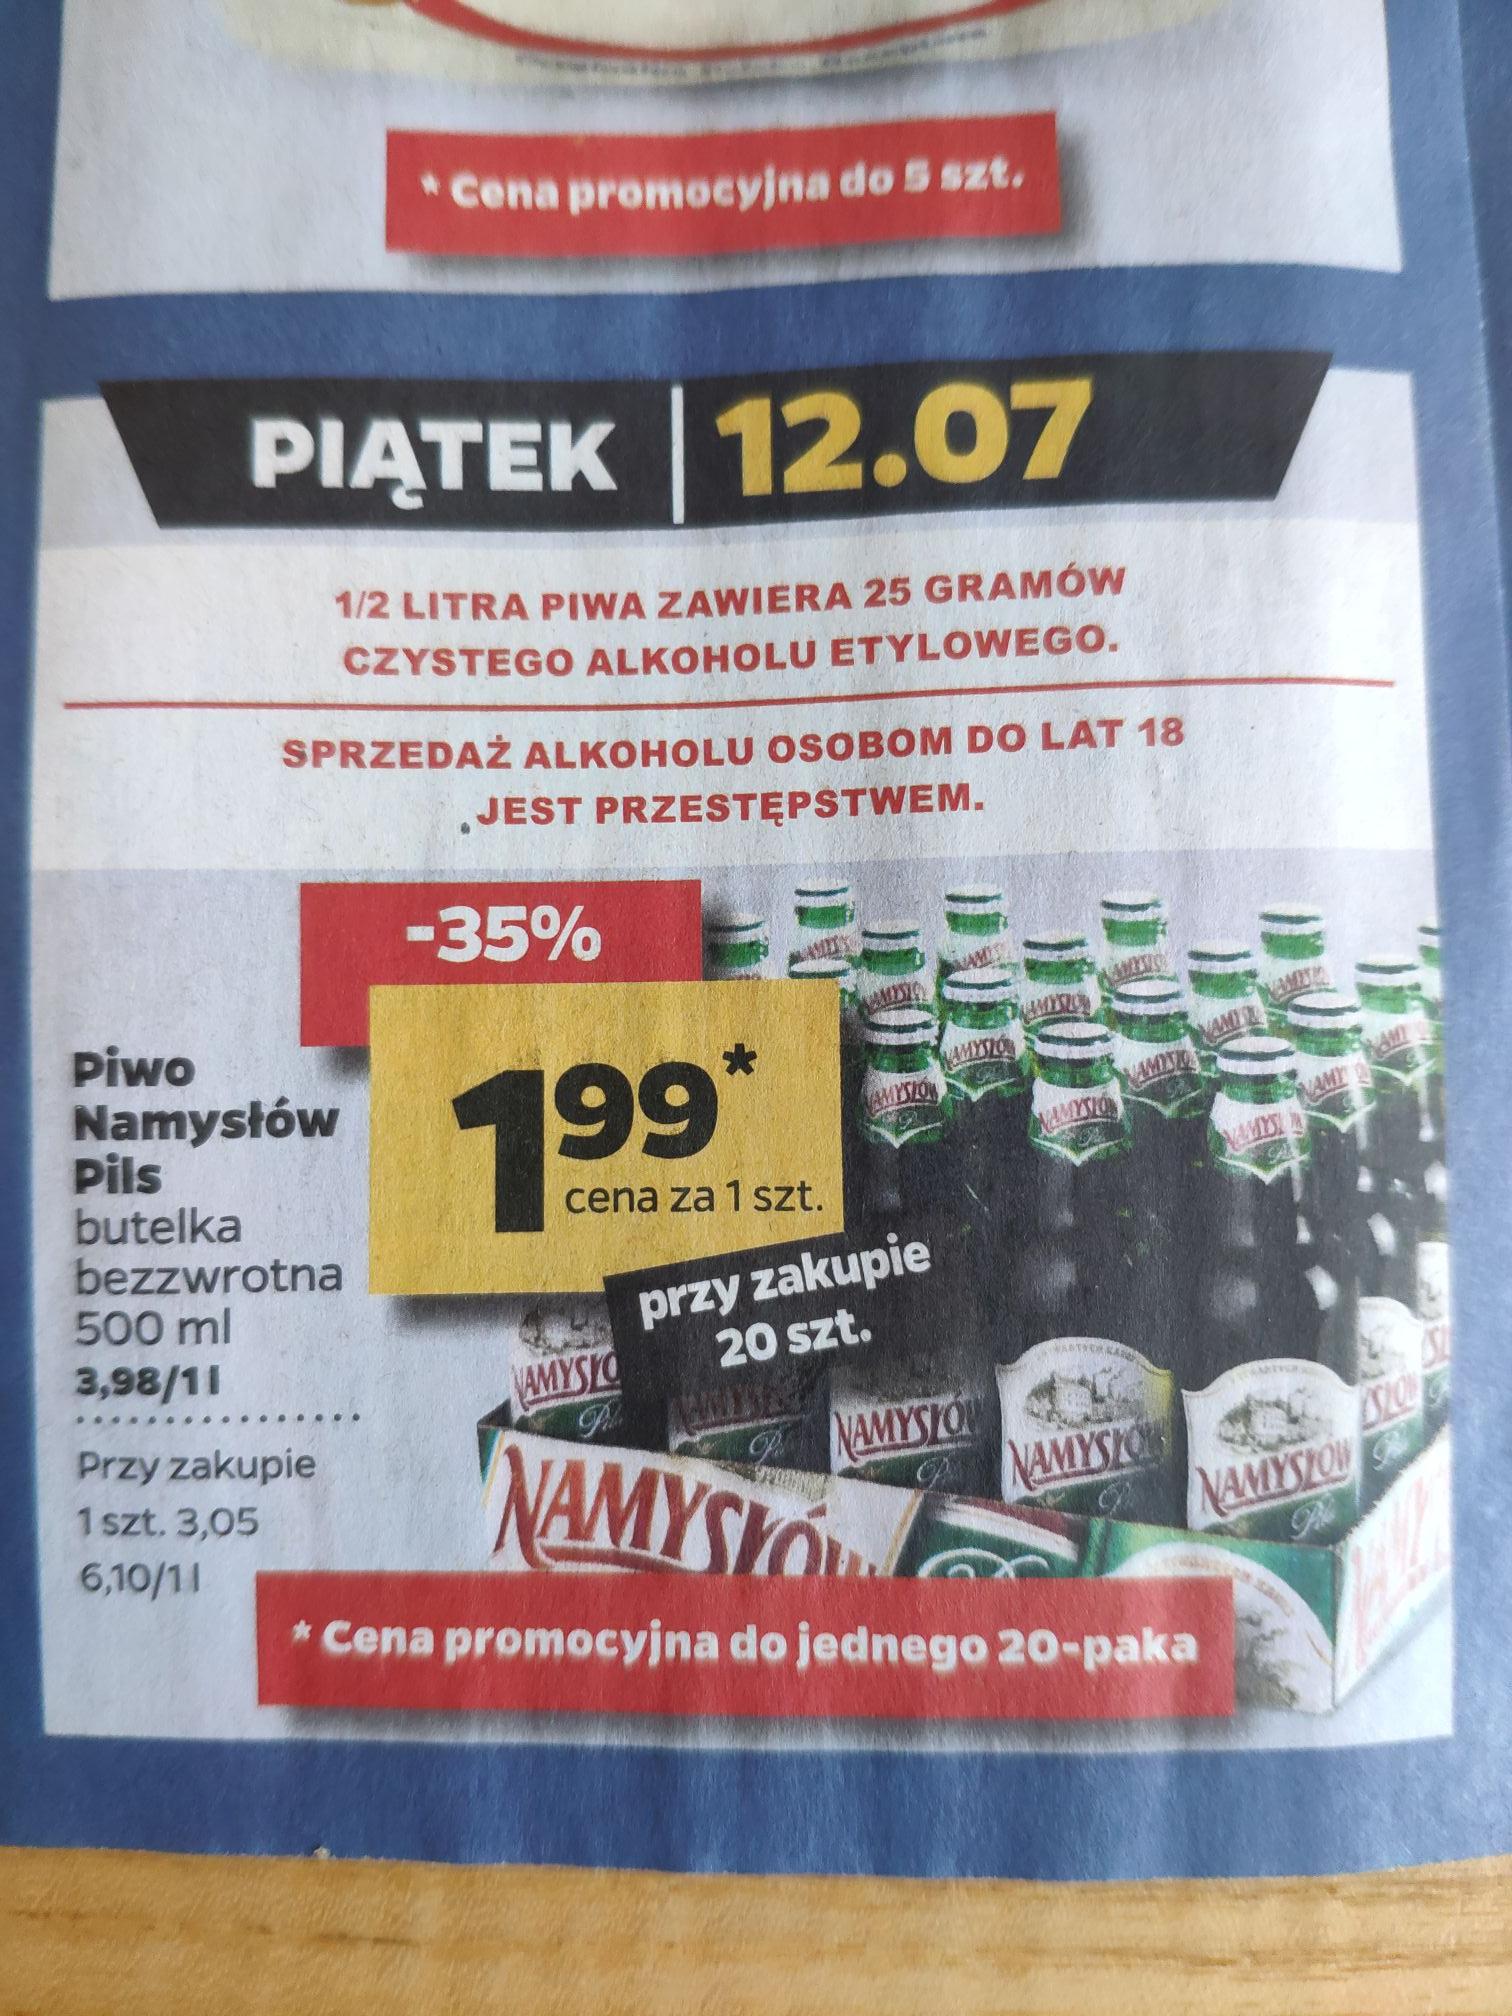 Piwo Namysłów Pils 1,99zł przy zakupie 20 szt. - Netto